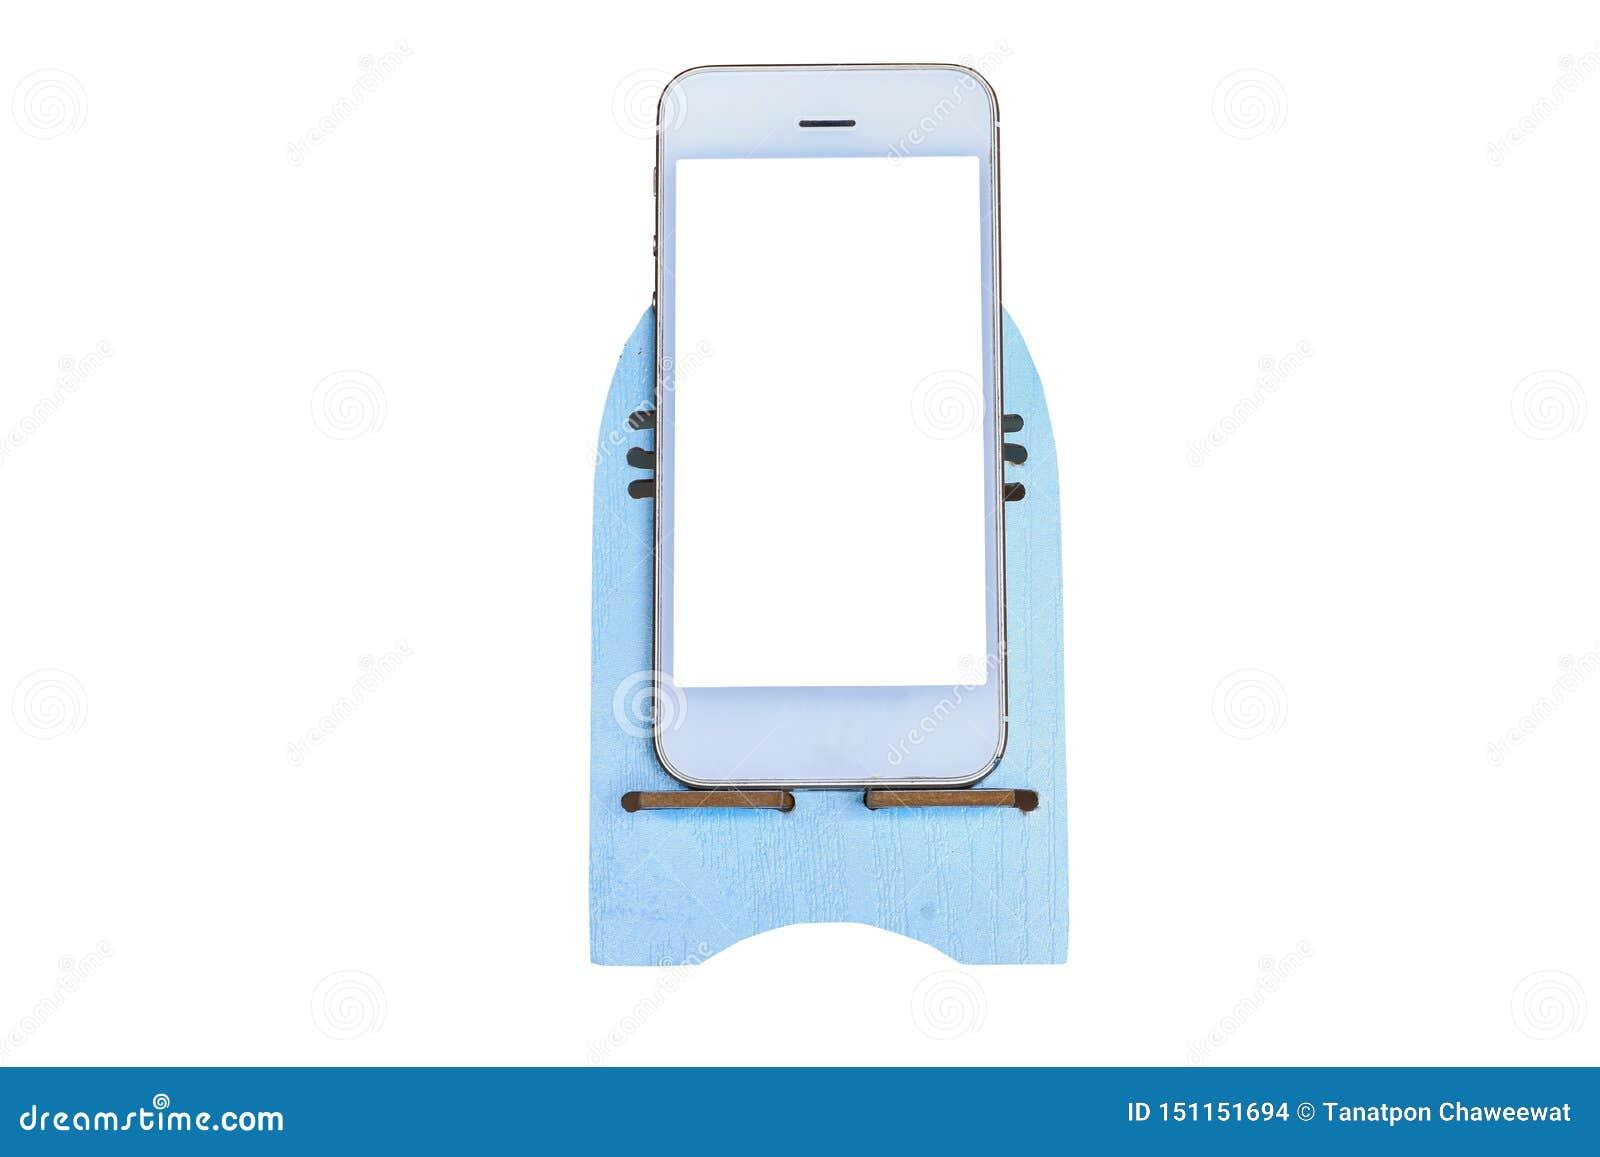 Άσπρο smarthphone που απομόνωσε σε ένα άσπρο υπόβαθρο